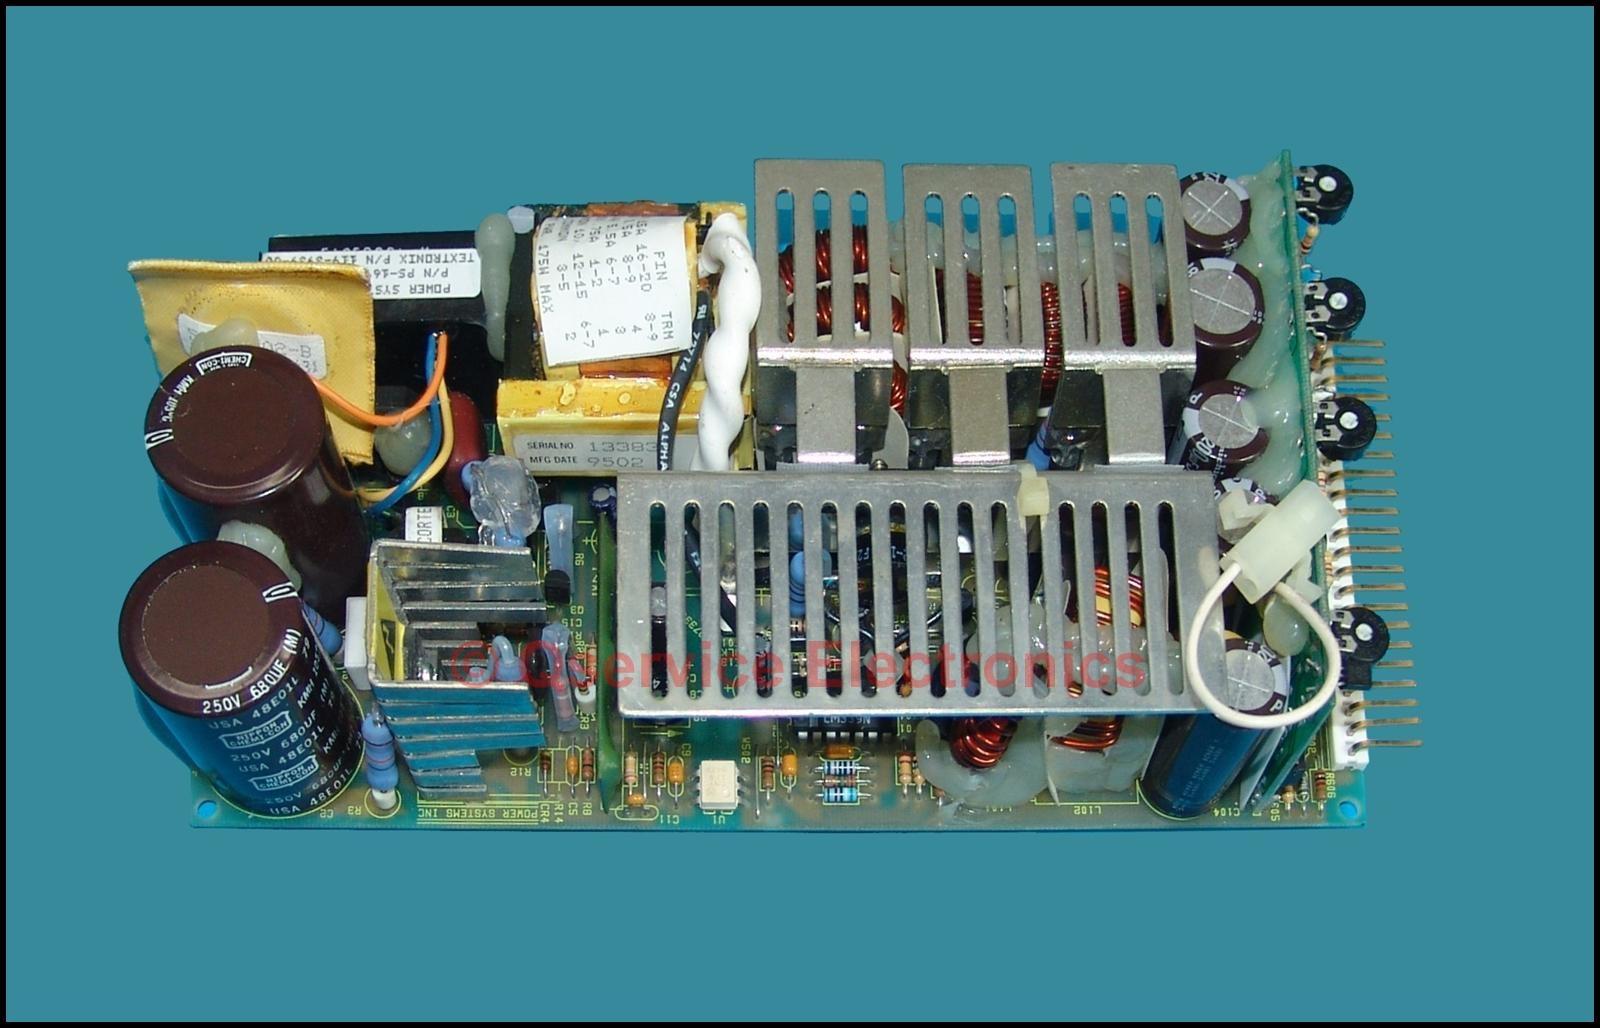 Z0853004CMB883C ZILOG INTEGRATED CIRCUIT CDIP-40 Z0853004